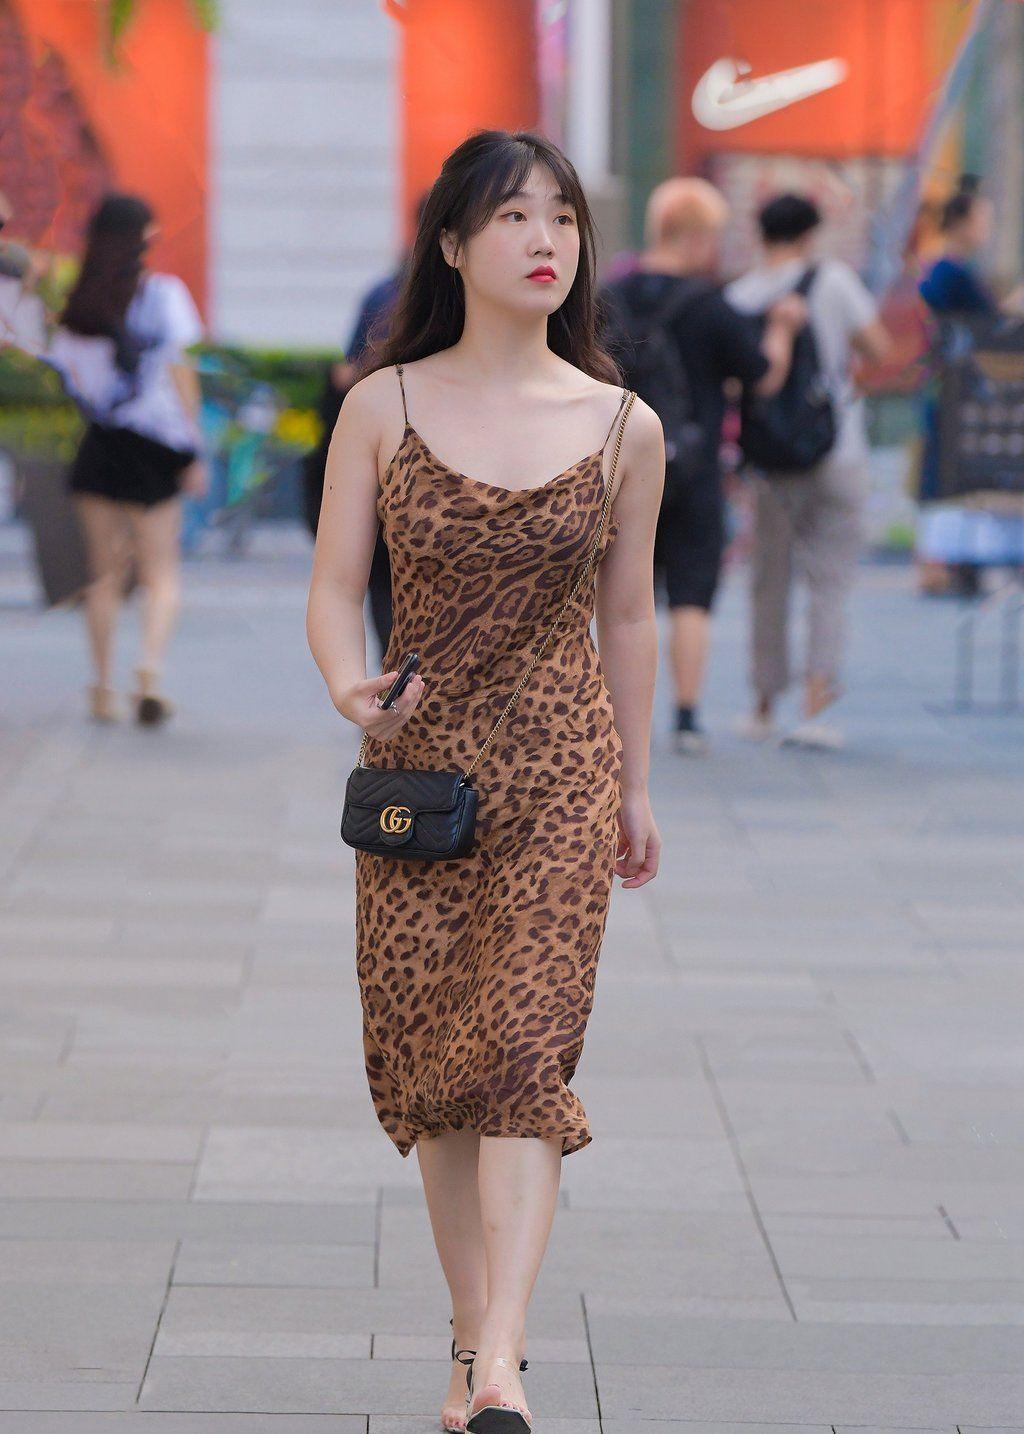 复古的豹纹单品再次来袭,清新又狂野的搭配,让你闪耀整条街!